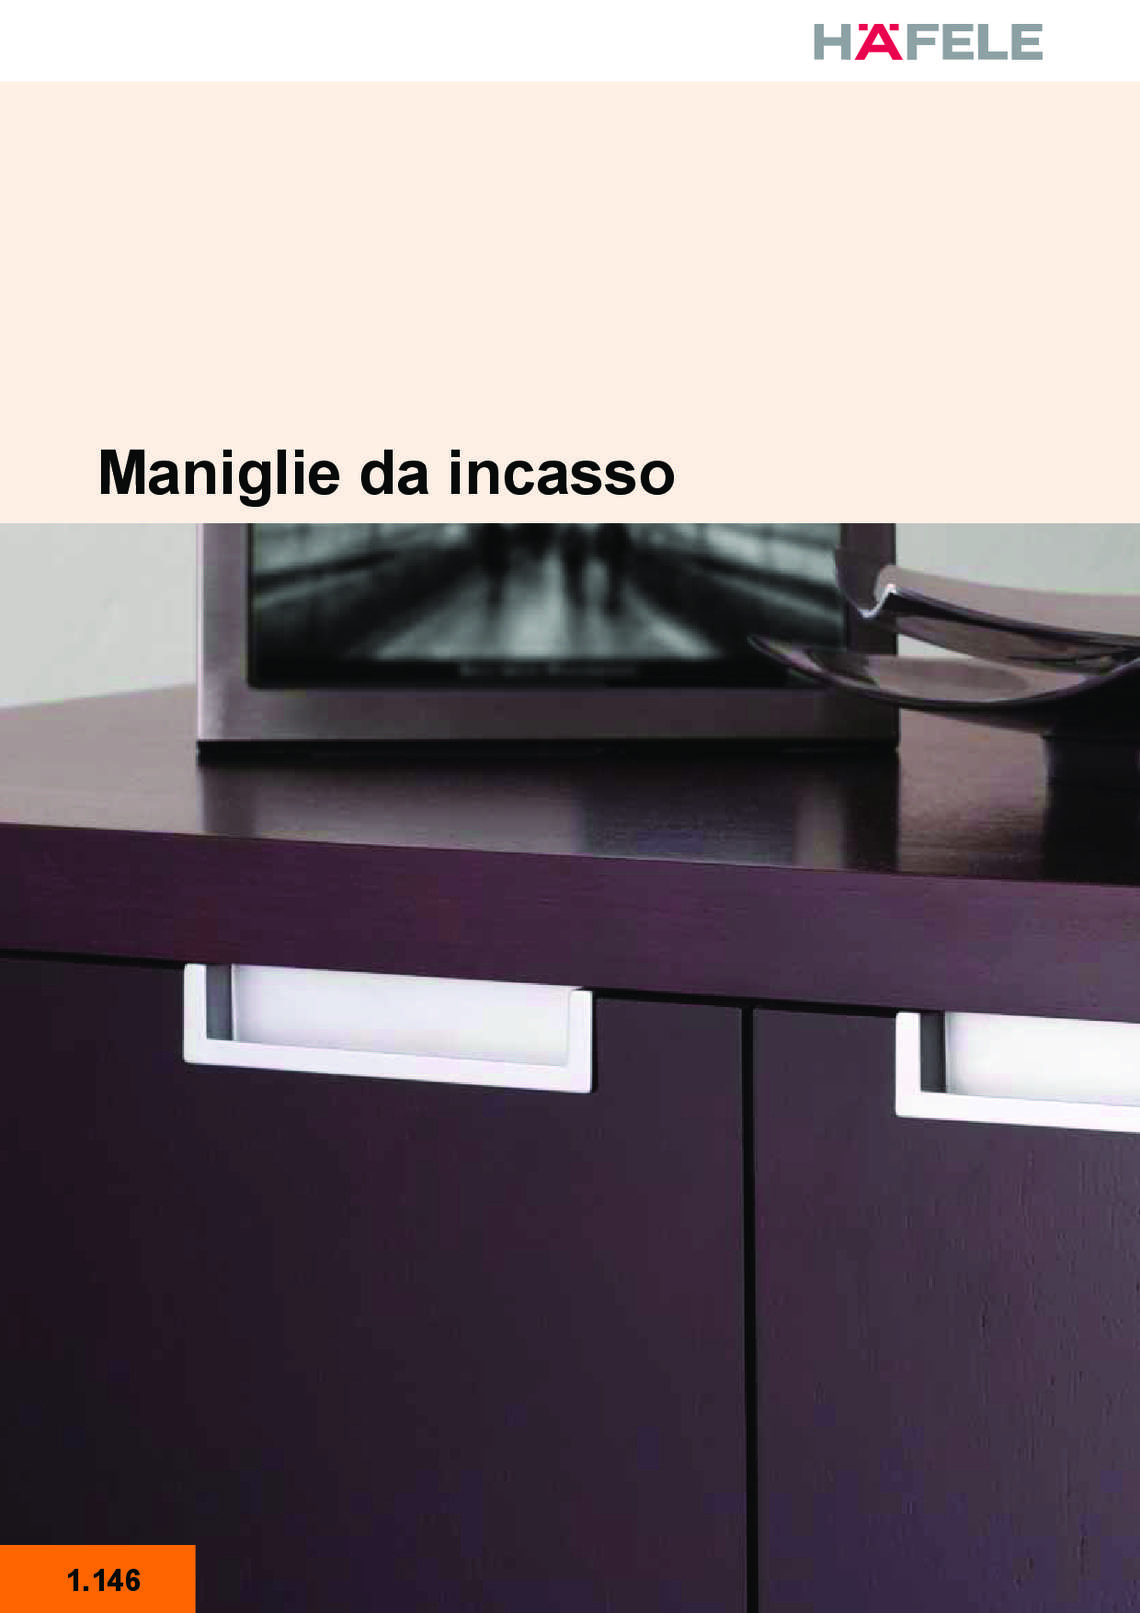 hafele-maniglie-e-pomoli_79_157.jpg